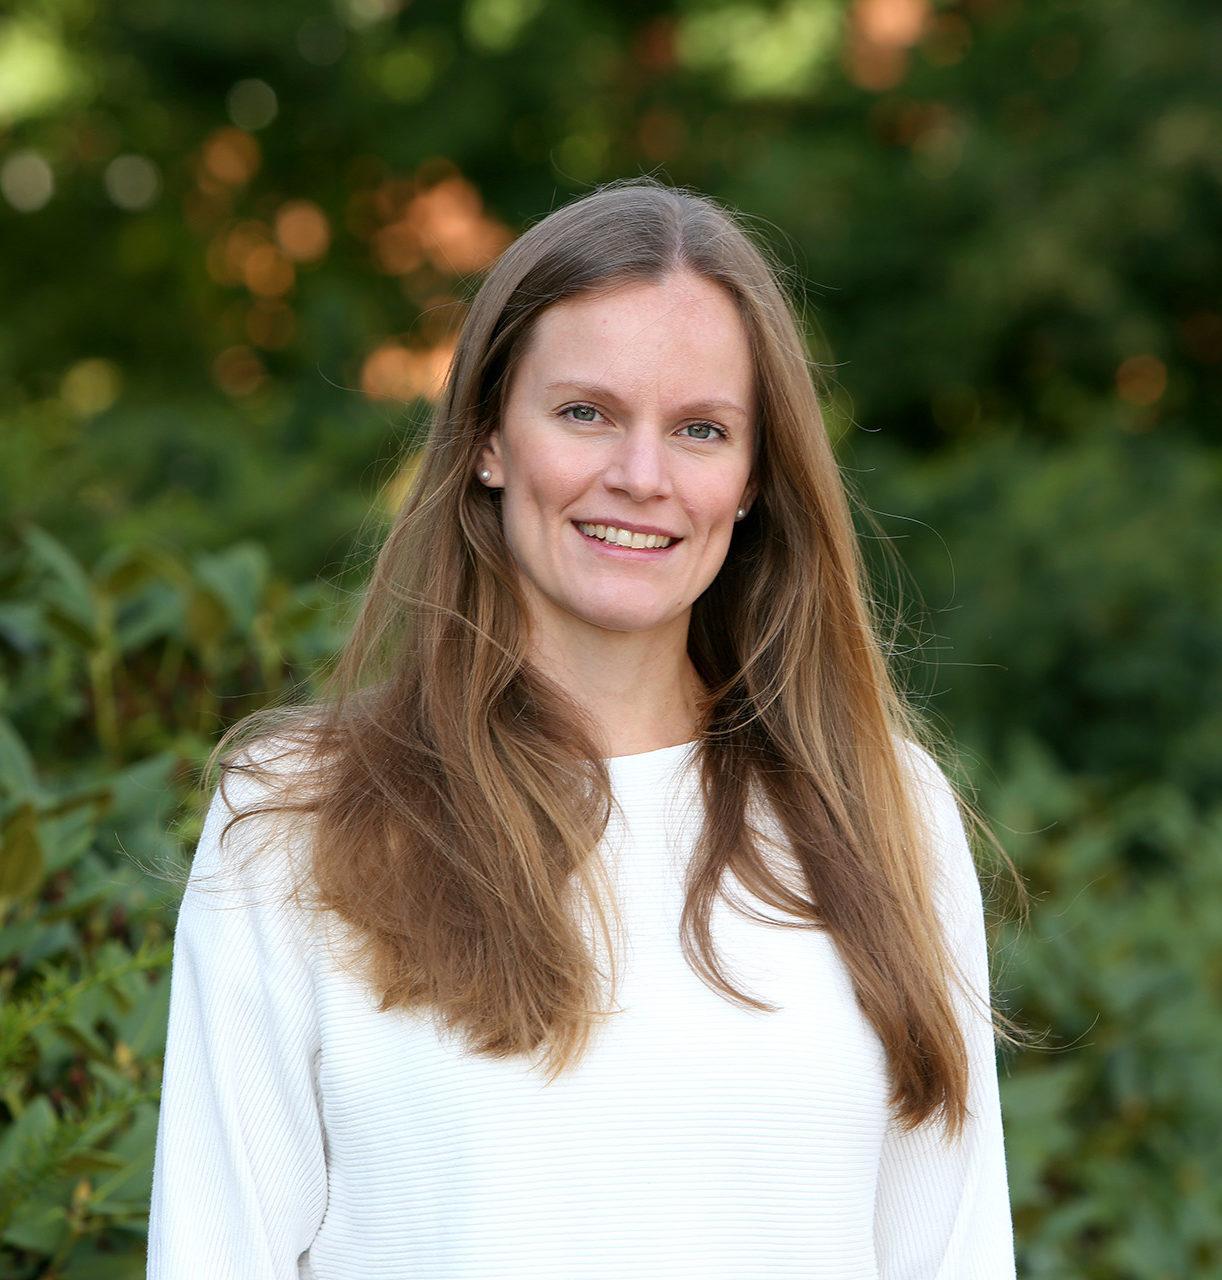 Emma Fabricius